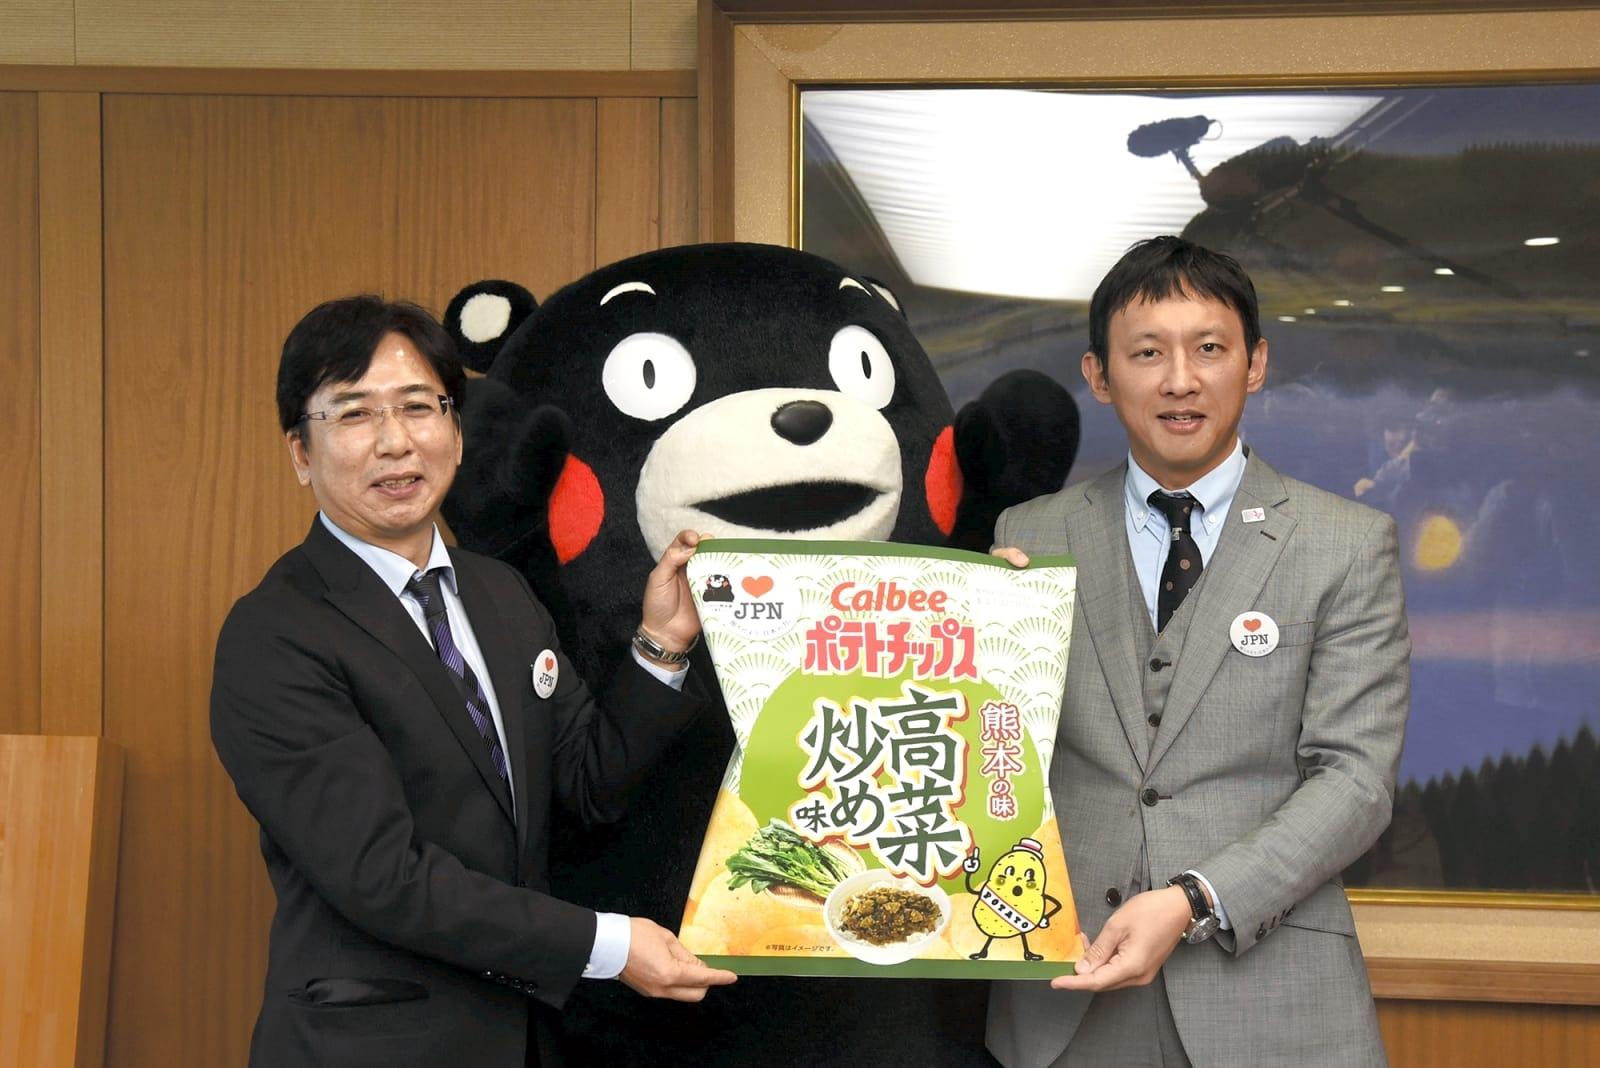 「ポテトチップス 高菜炒め味」のPR用のパッケージを持つカルビーの石辺秀規執行役員(左)と小野泰輔副知事